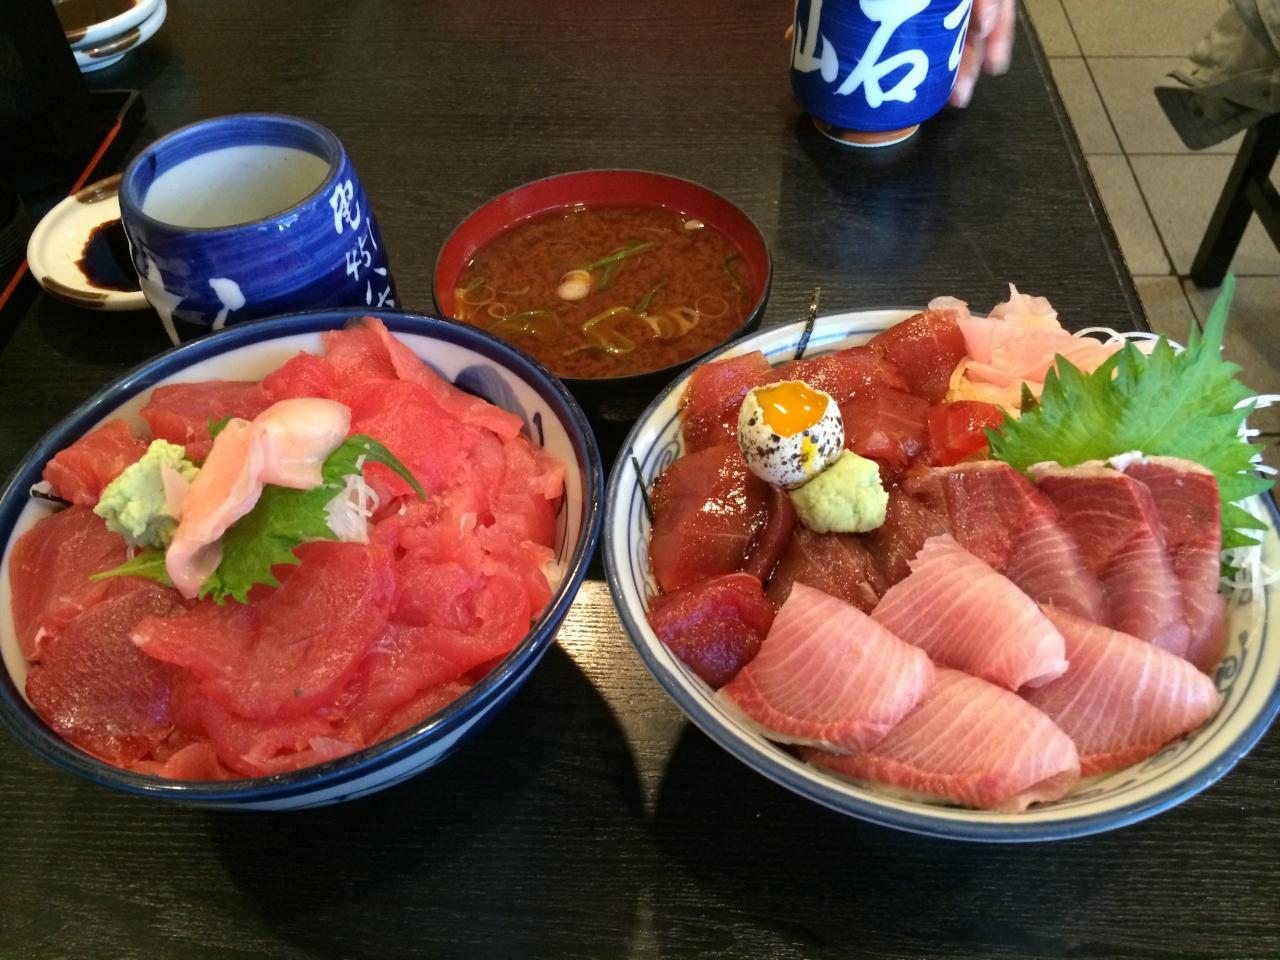 仙石すし 本店 クチコミガイド【フォートラベル】 名古屋